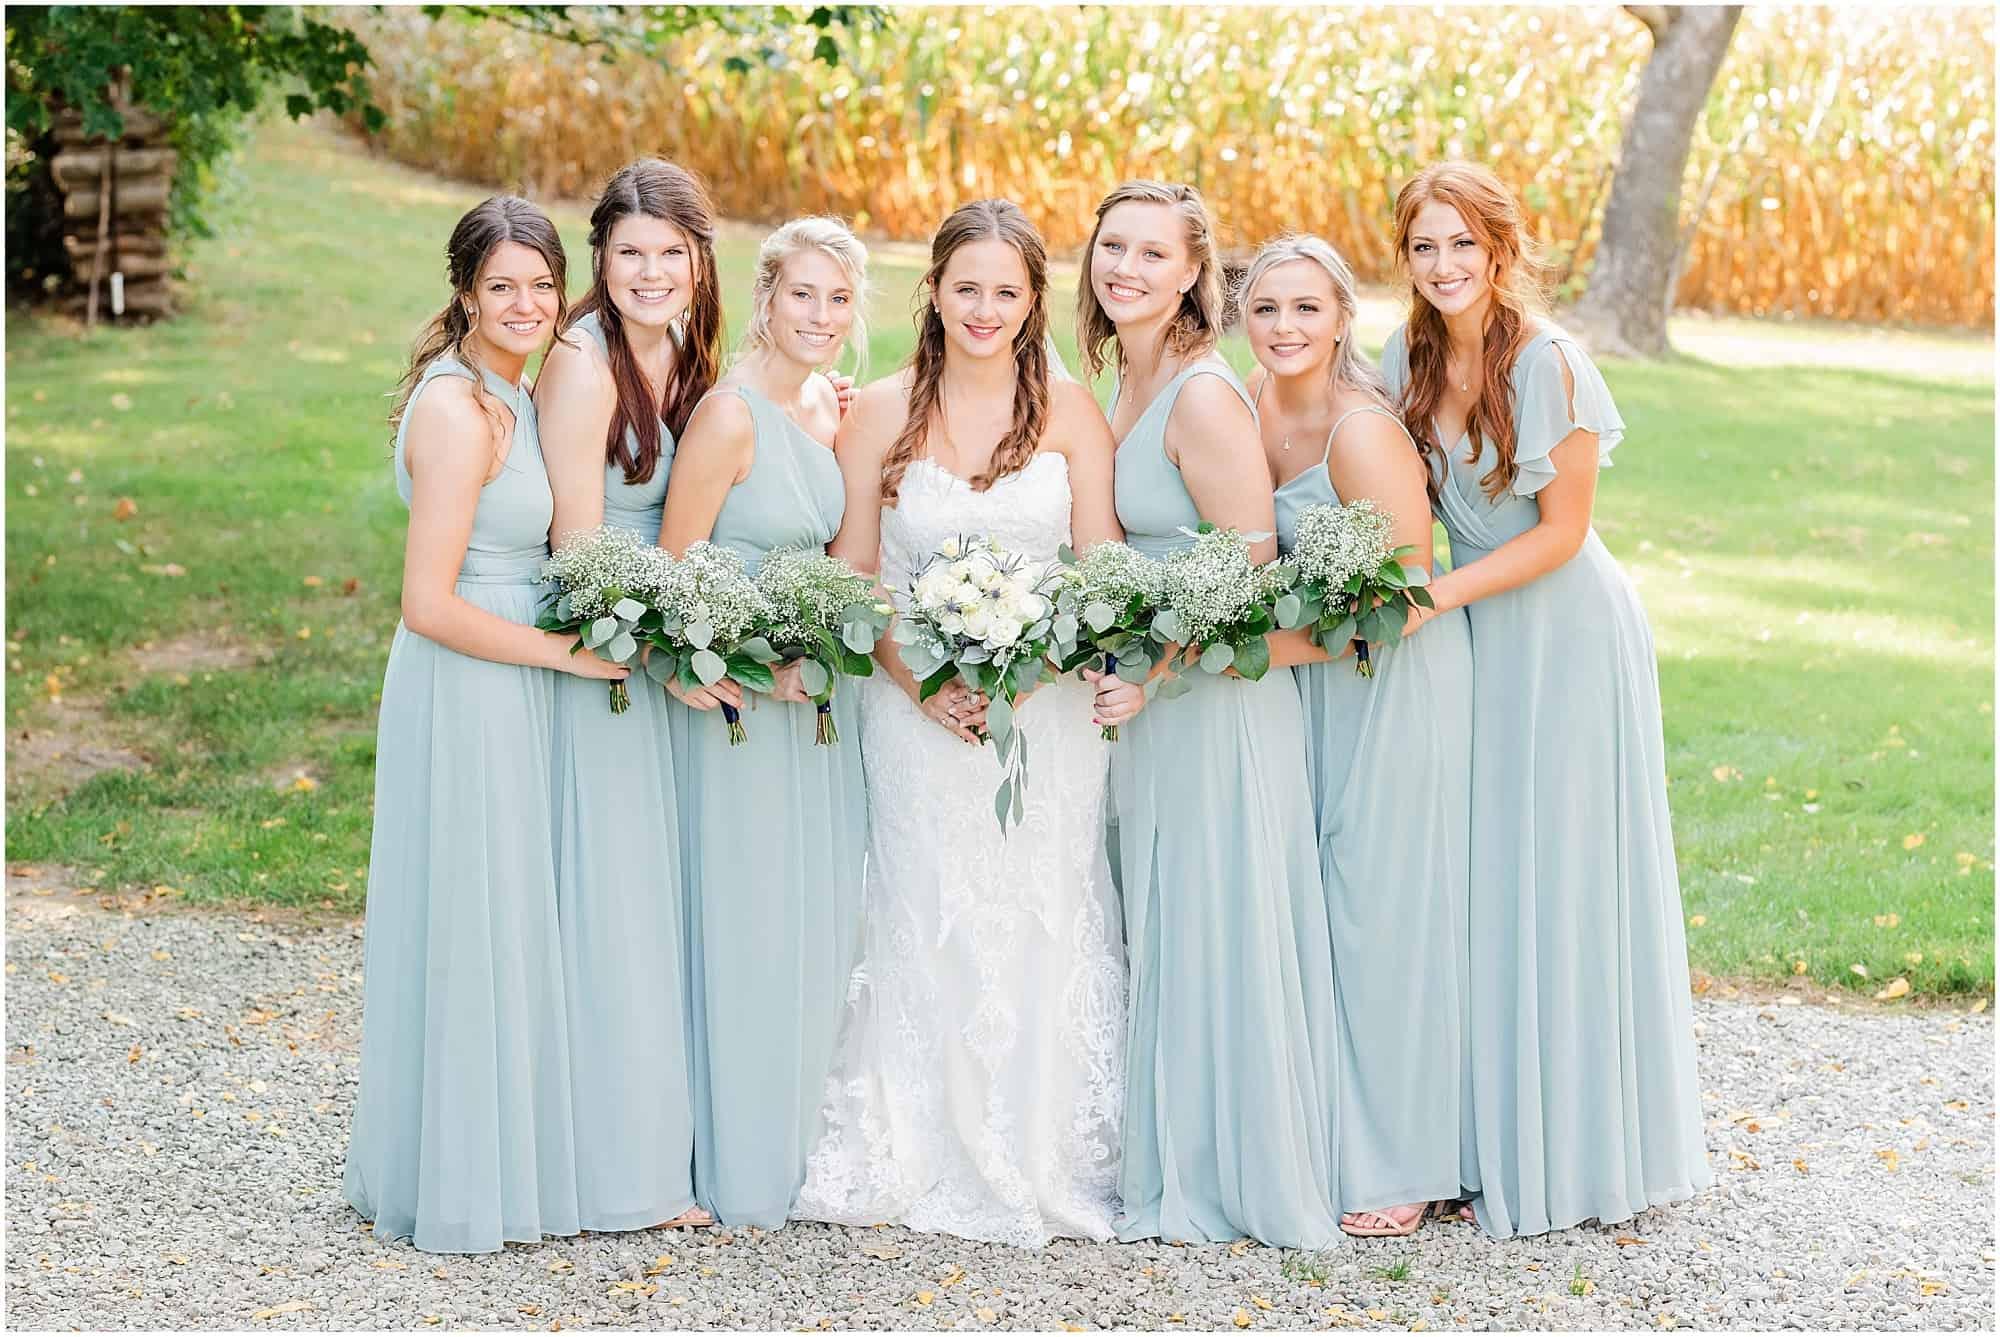 norwalk ohio wedding bride with bridesmaids